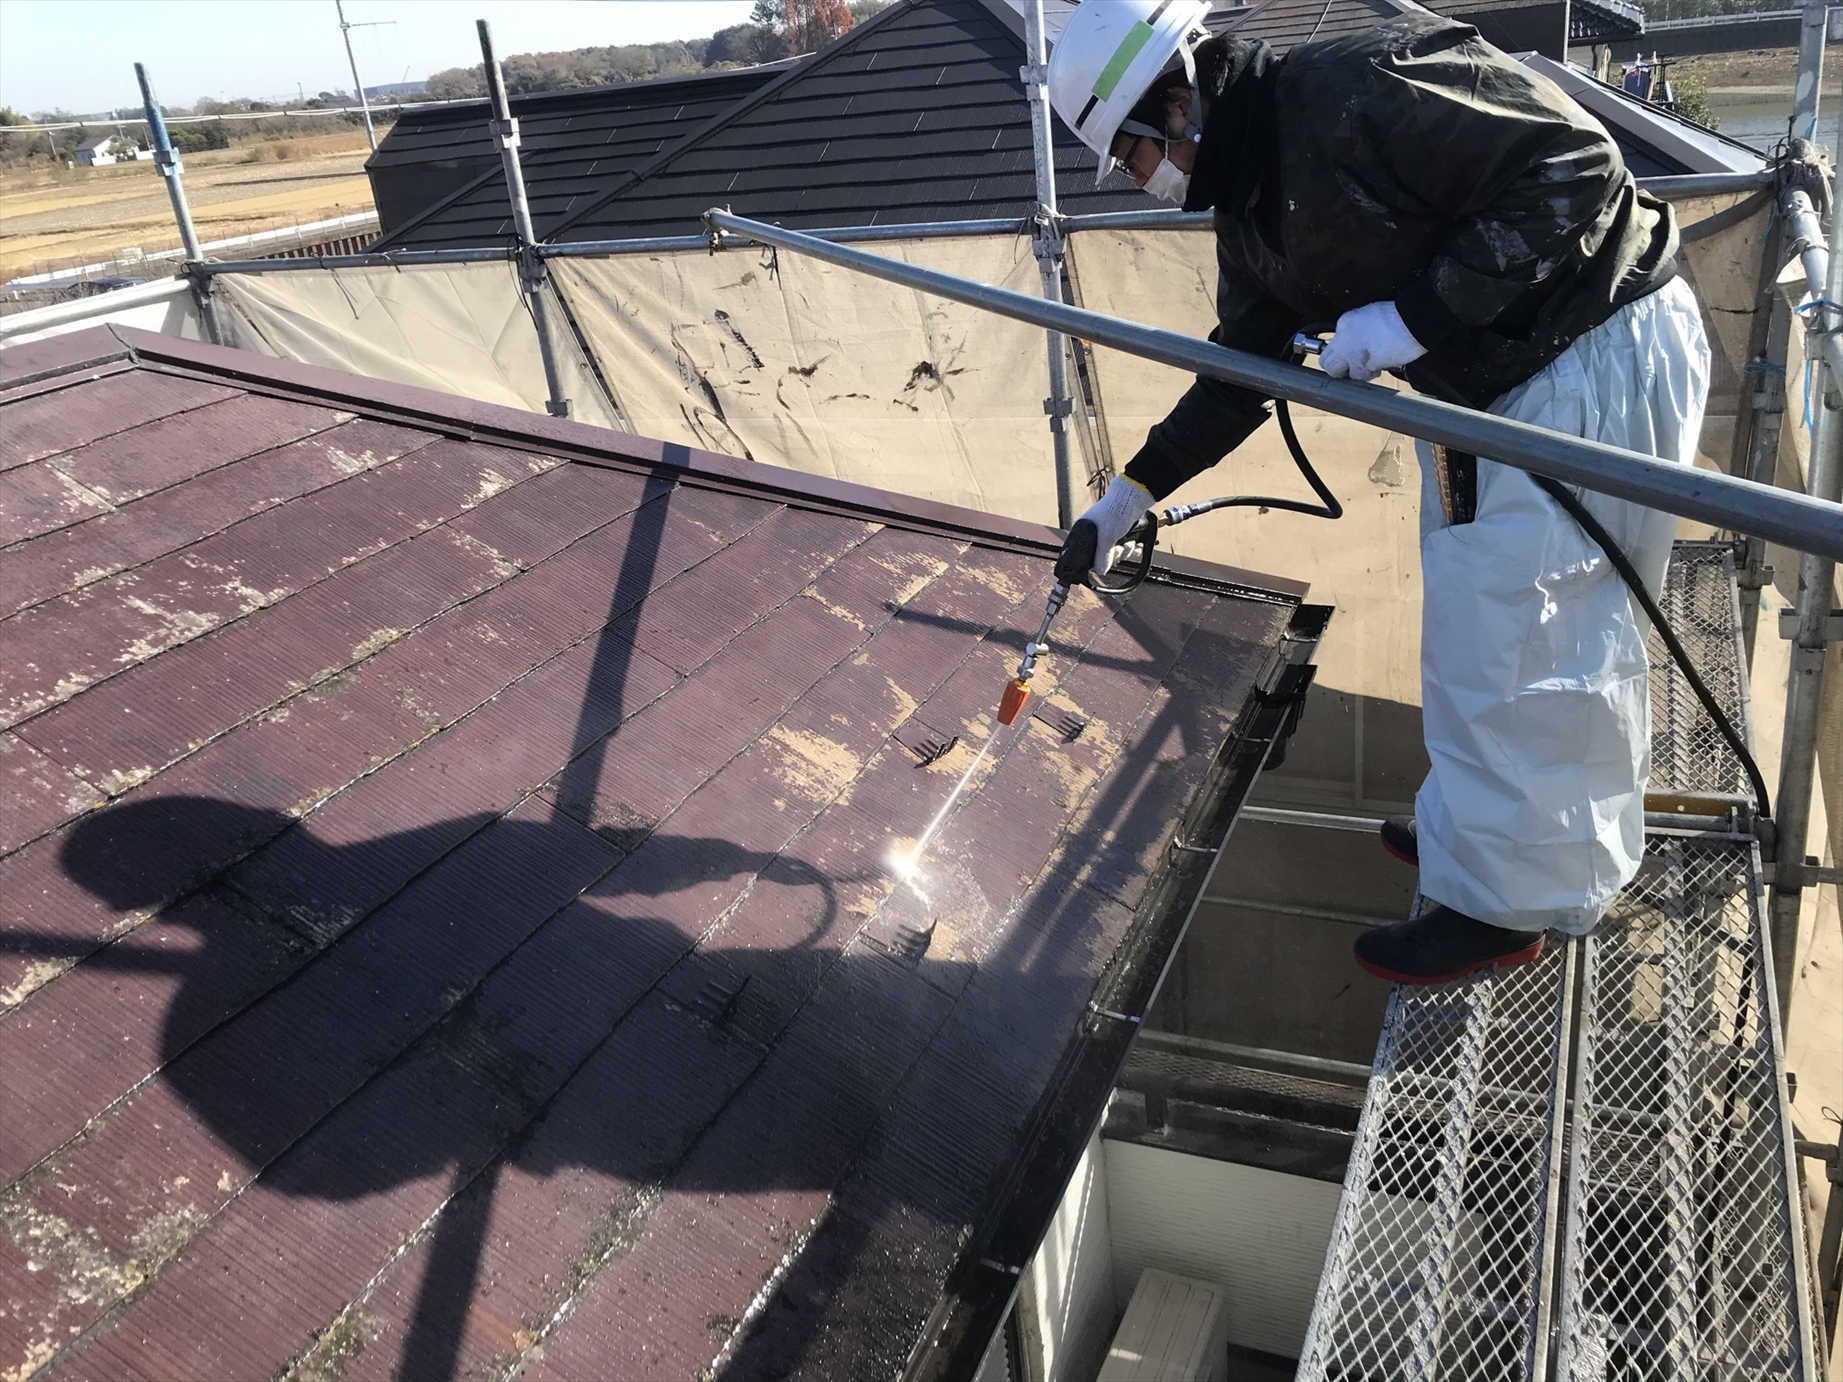 伊奈町賃貸一軒家屋根塗装前高圧洗浄屋根下部作業